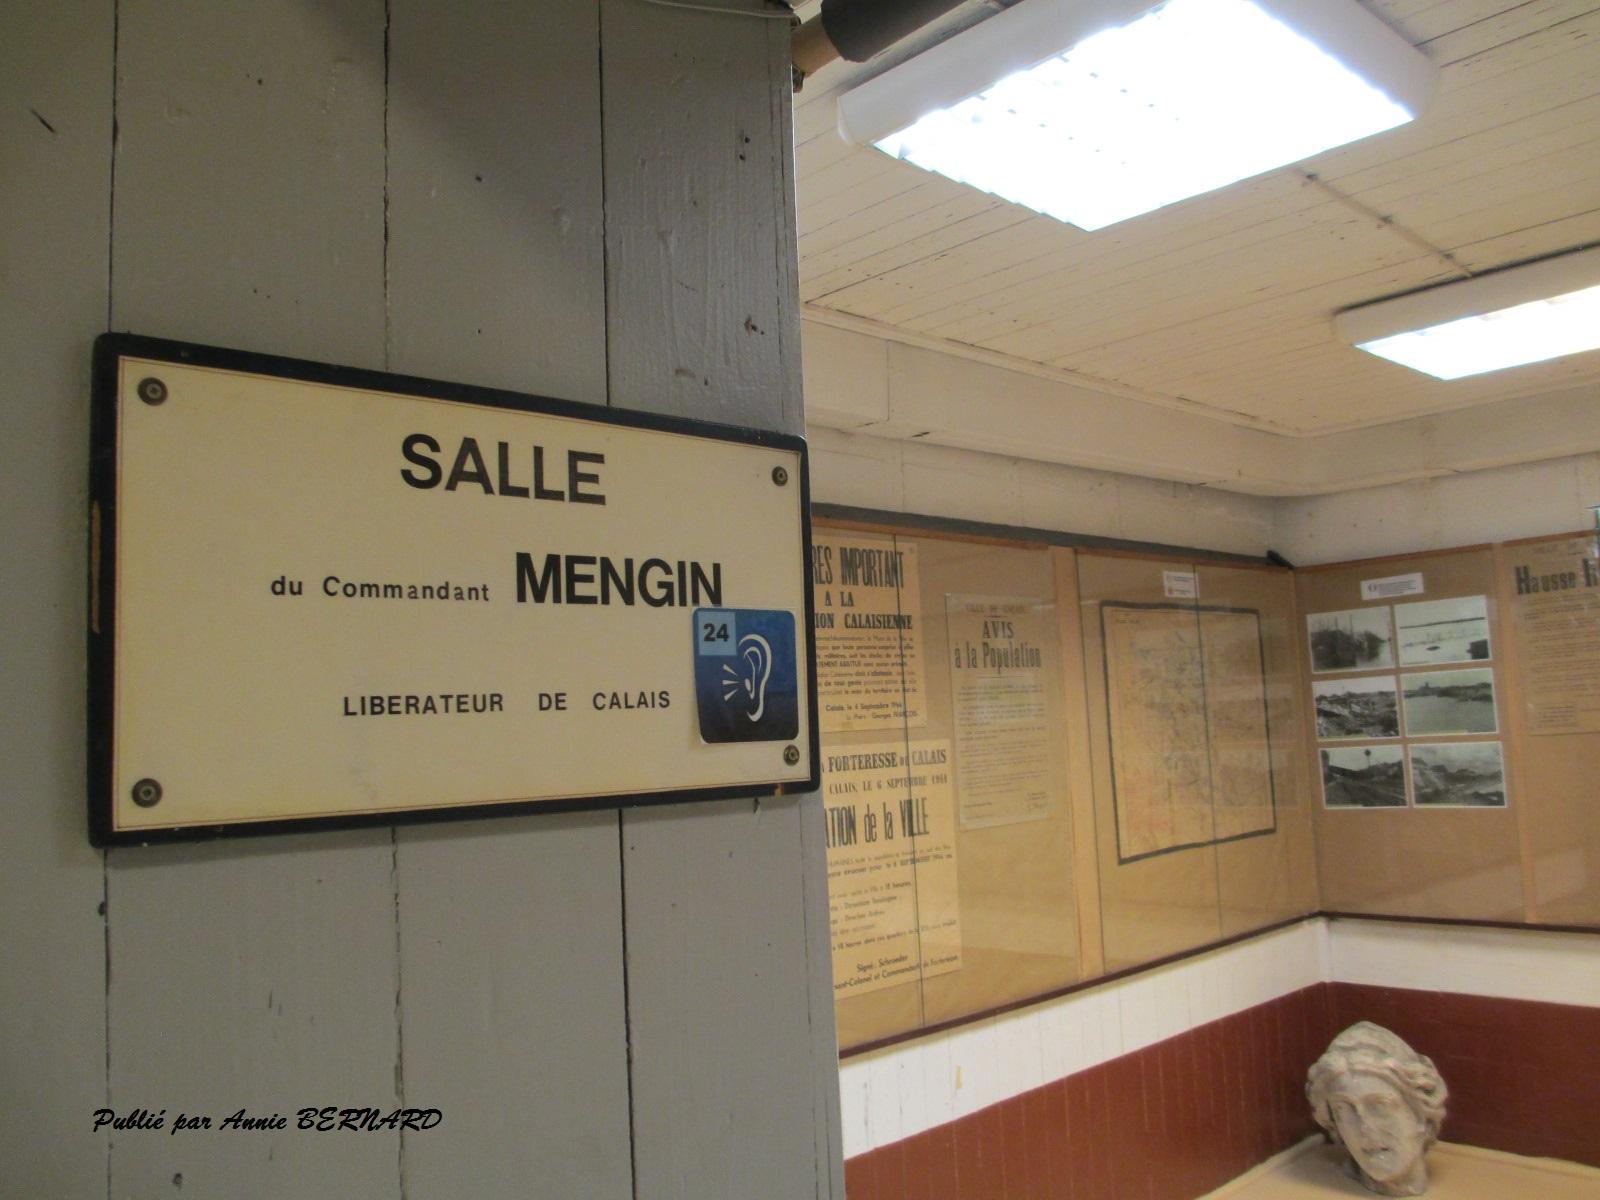 Salle pour le Commandant Mengin, libérateur de Calais